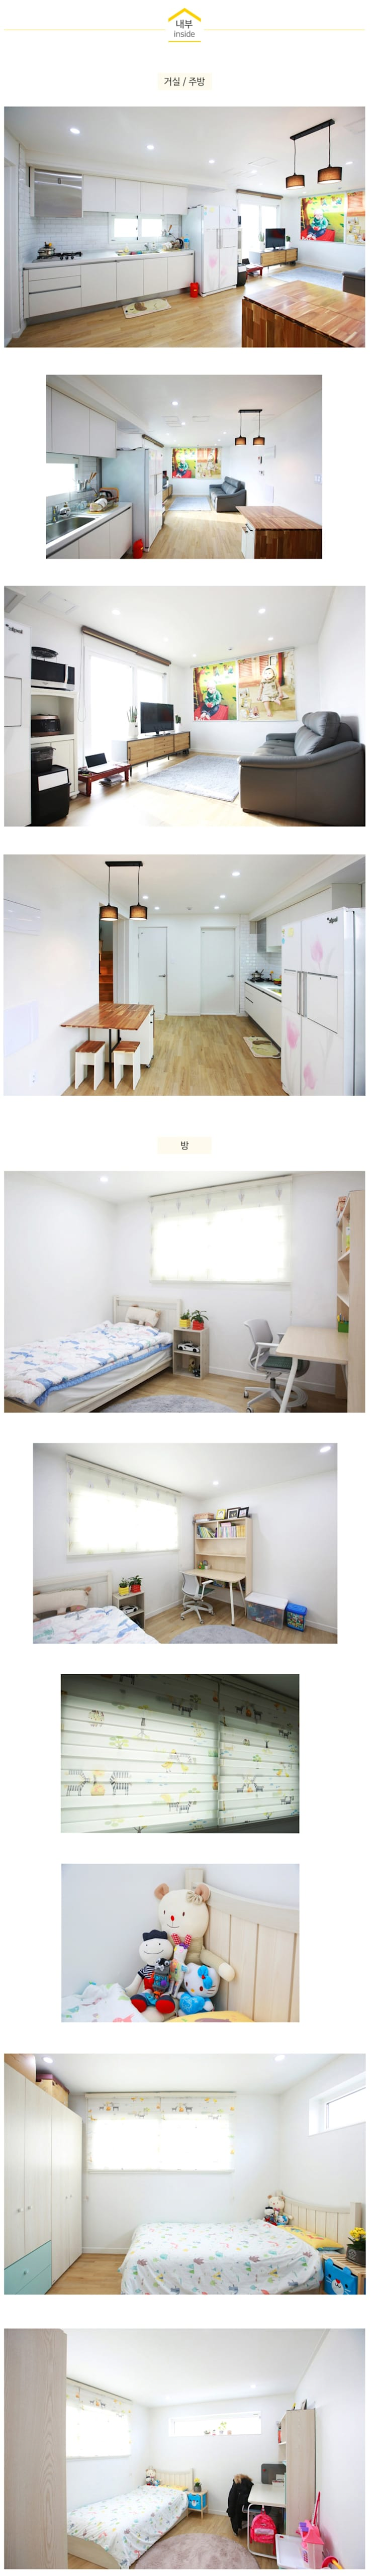 가족의 사랑이 느껴지는 전원주택_내부: 공간제작소(주)의  거실